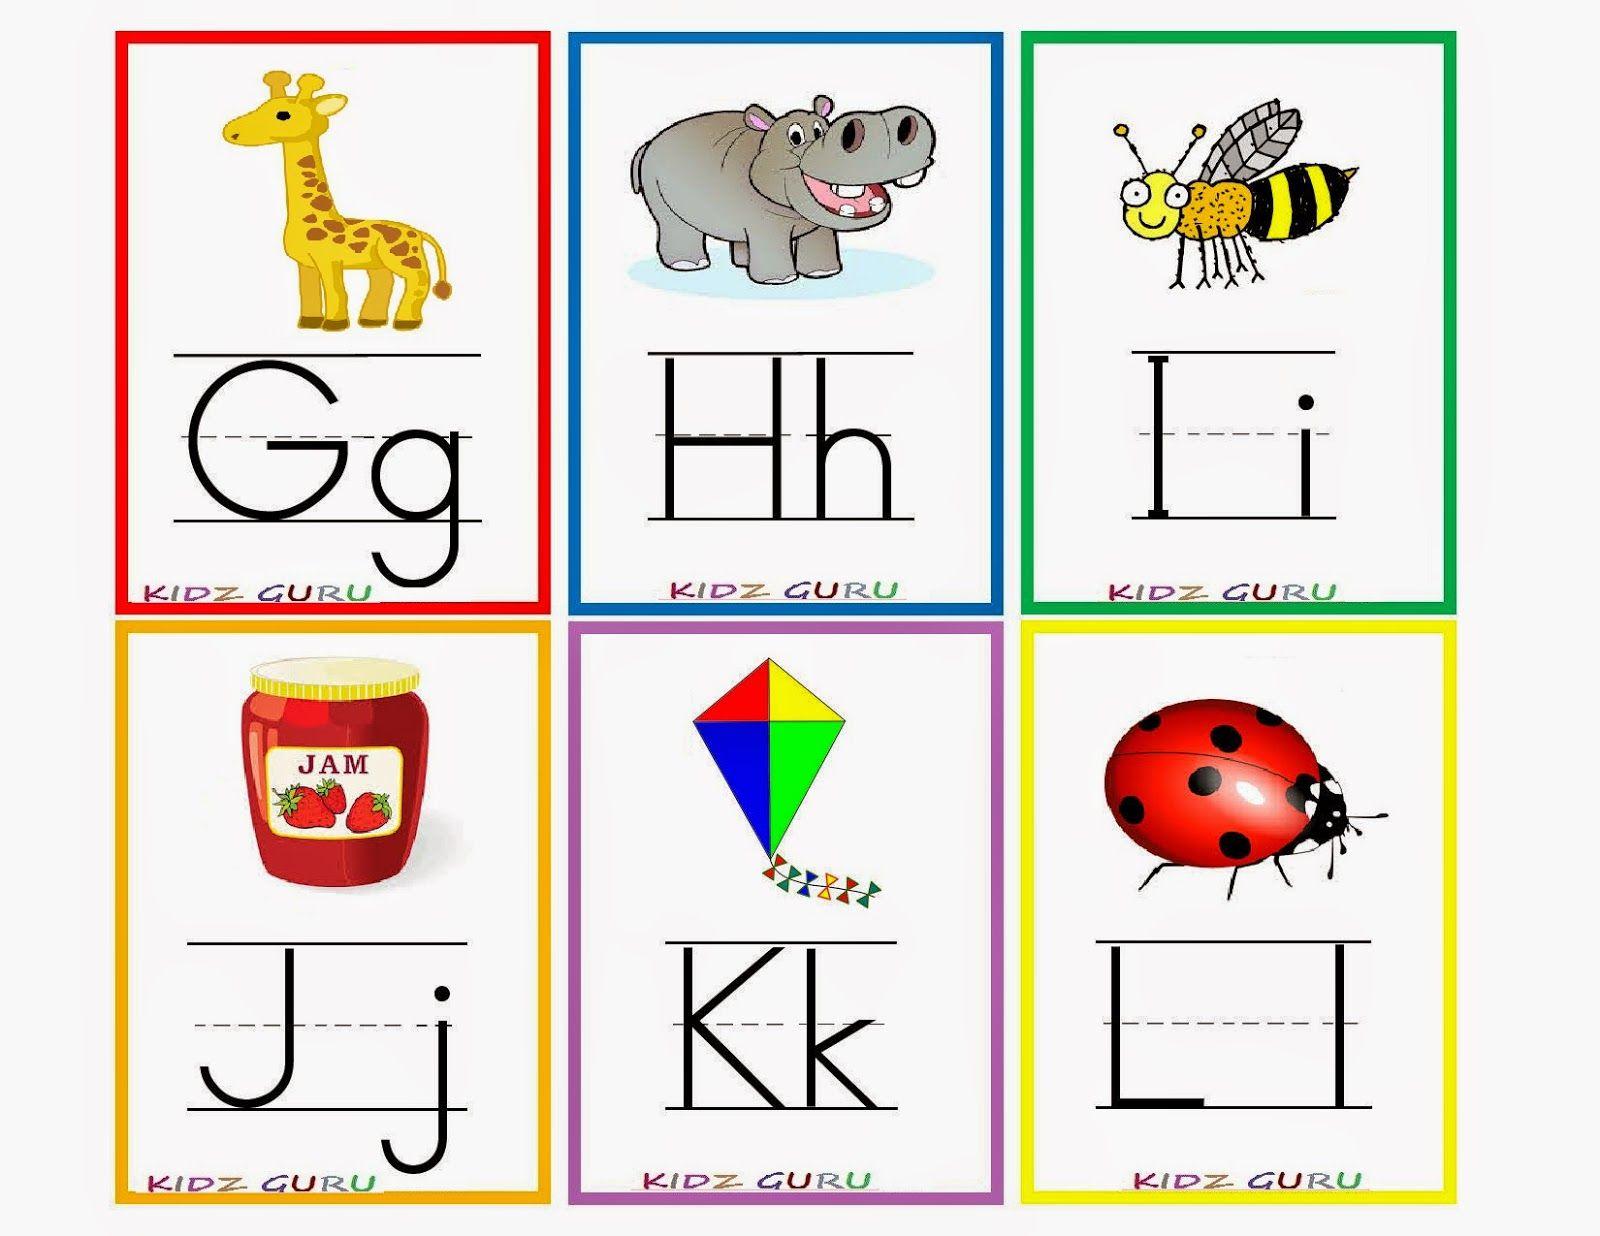 77cbbcfe812437ef62f91eca588301e8 - Kindergarten Flash Cards